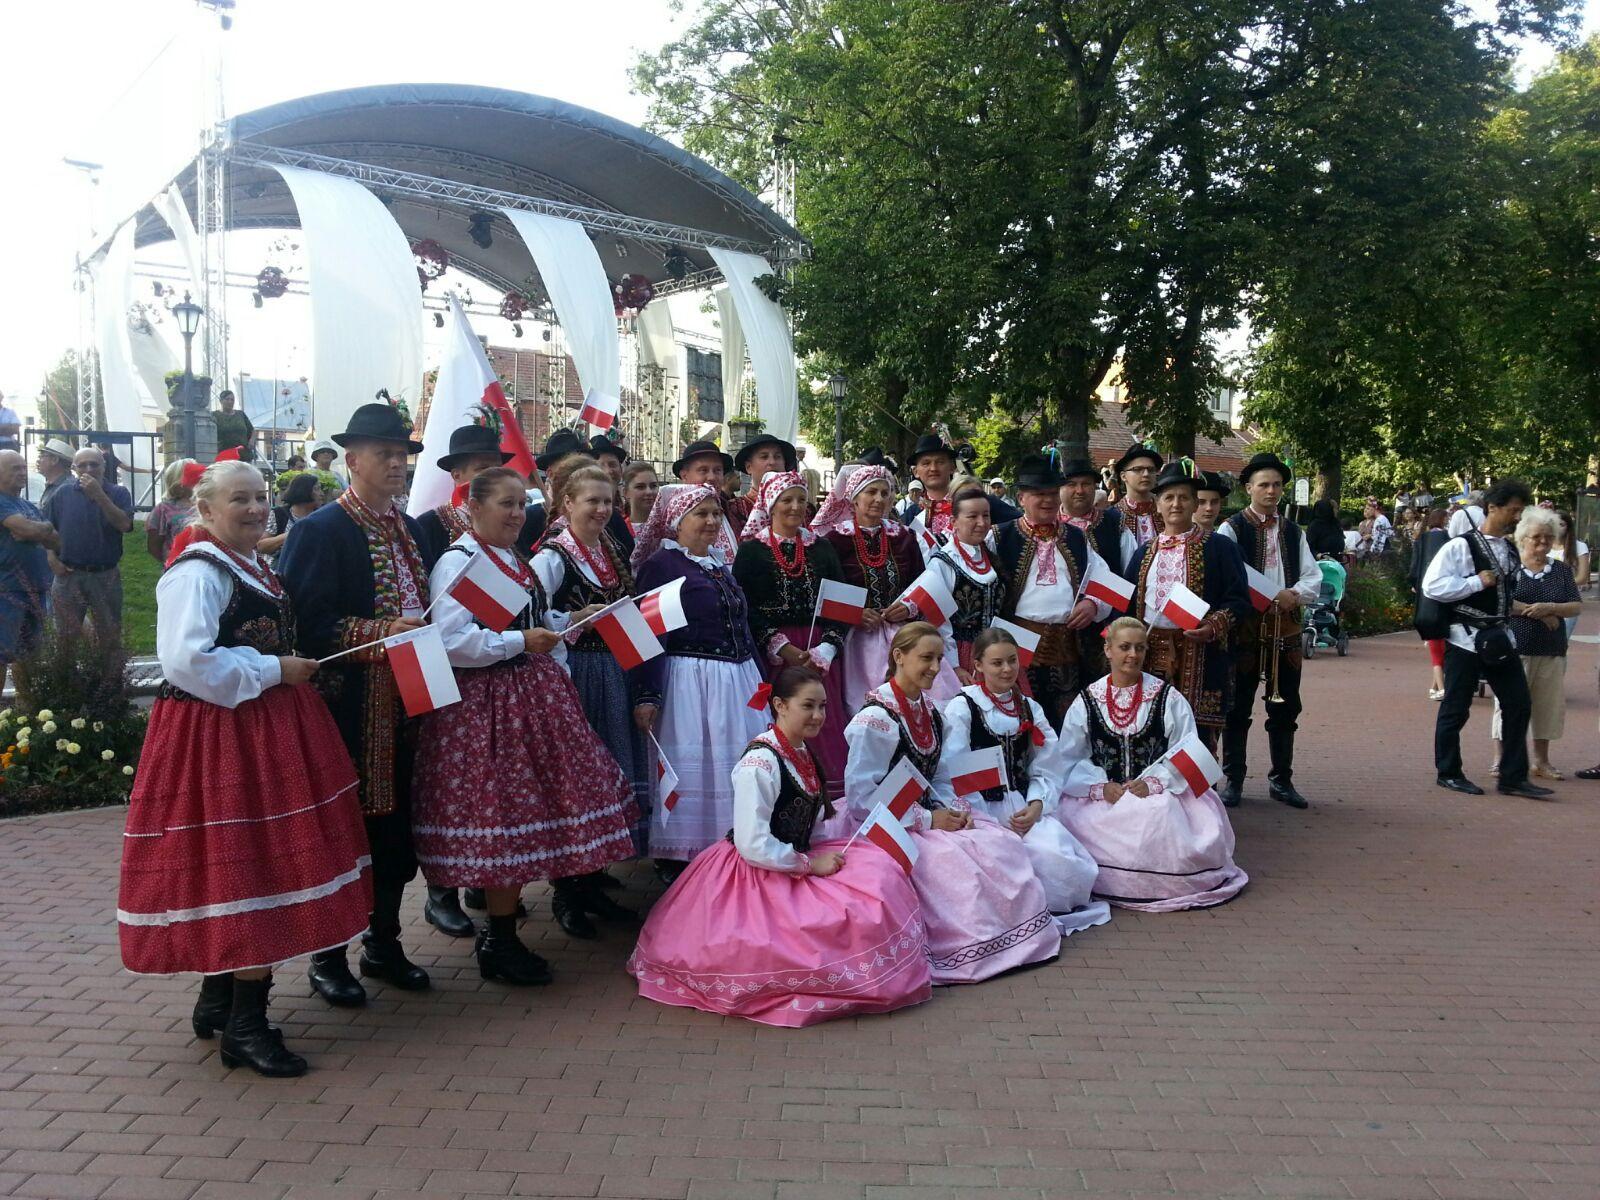 400 de artişti din 10 ţări, la Nunta Zamfirei, cel mai mare Festival Internaţional de Folclor din România şi între primele opt din lume